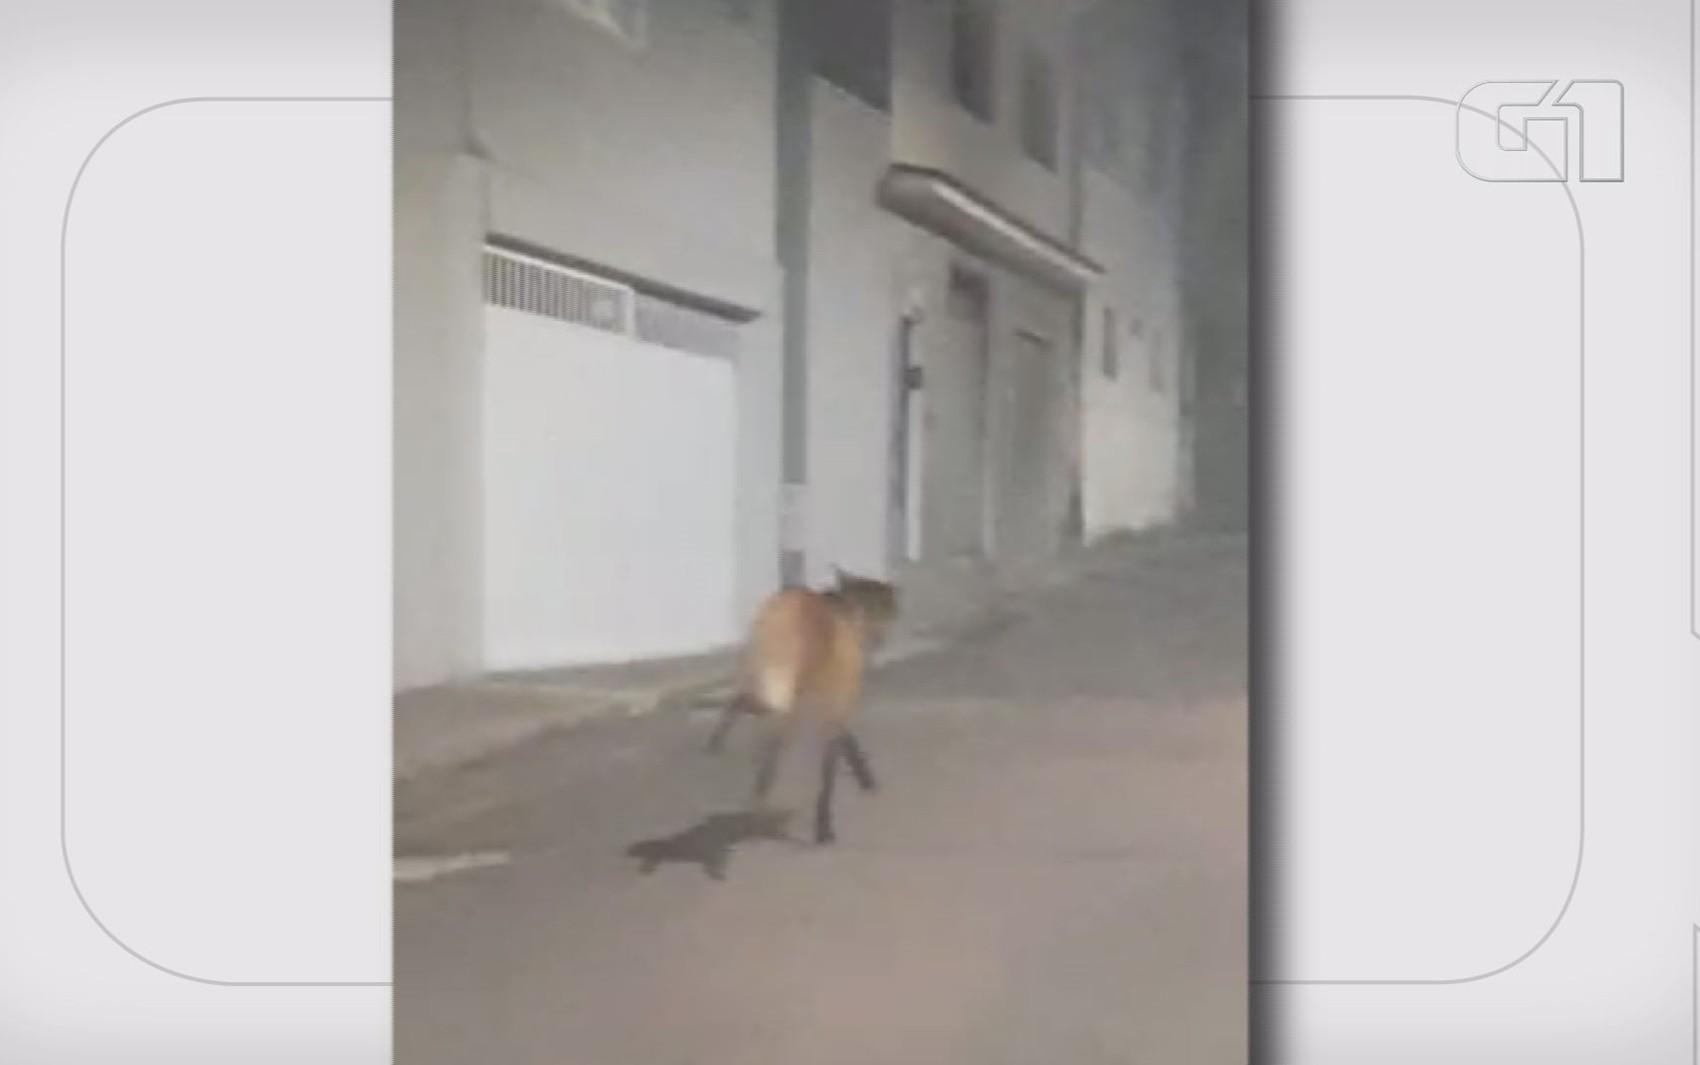 Lobo-guará é flagrado correndo em ruas do Centro de Varginha; VÍDEO